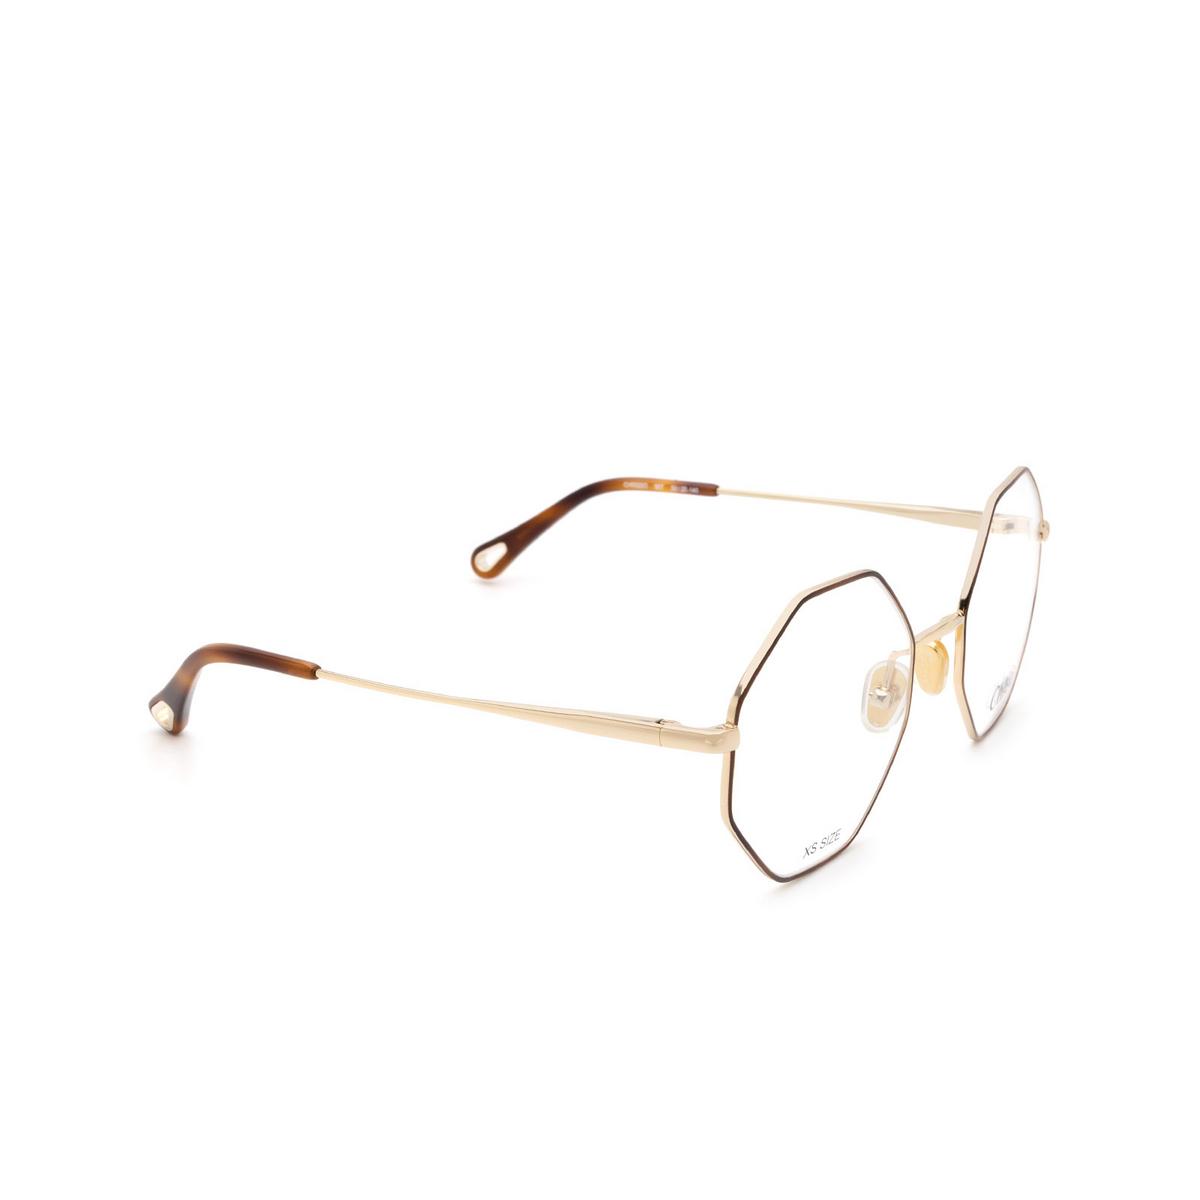 Chloé® Irregular Eyeglasses: CH0022O color Gold & Havana 007 - three-quarters view.